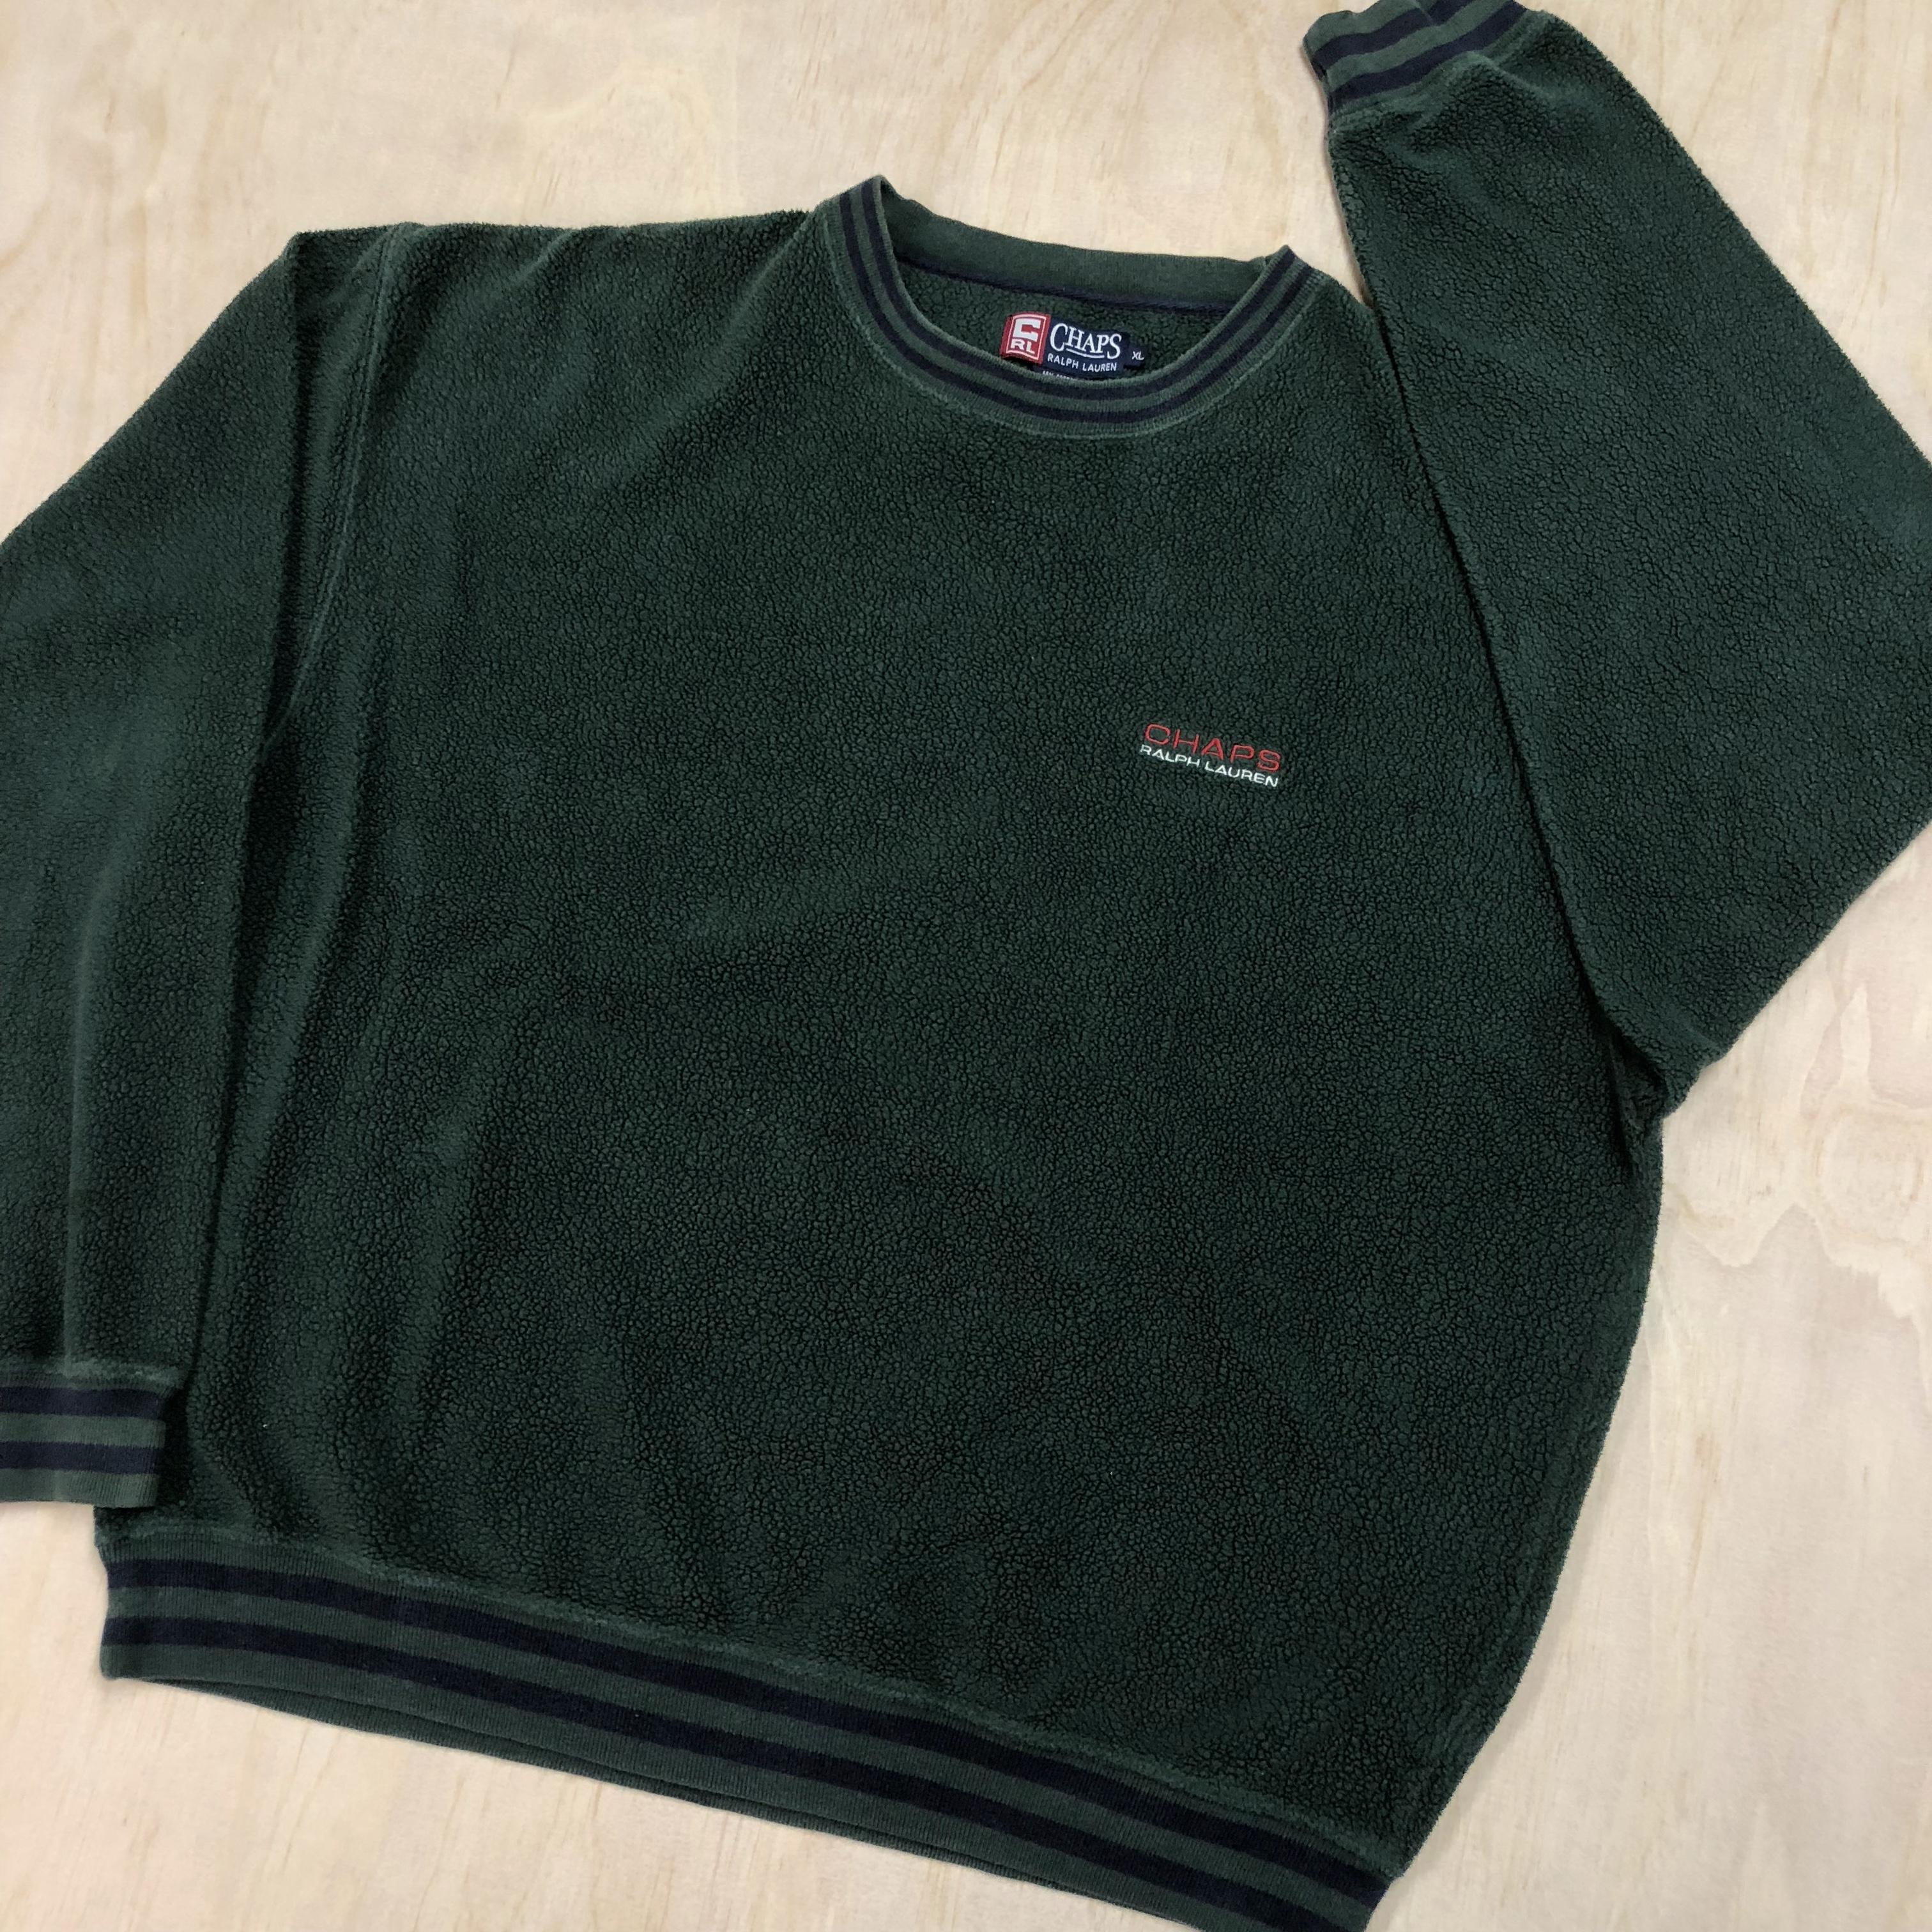 4f9fec71 Polo Ralph Lauren × Vintage × Chaps. 90s Chaps Ralph Lauren Fleece Crewneck Sweatshirt  Forest Green VTG